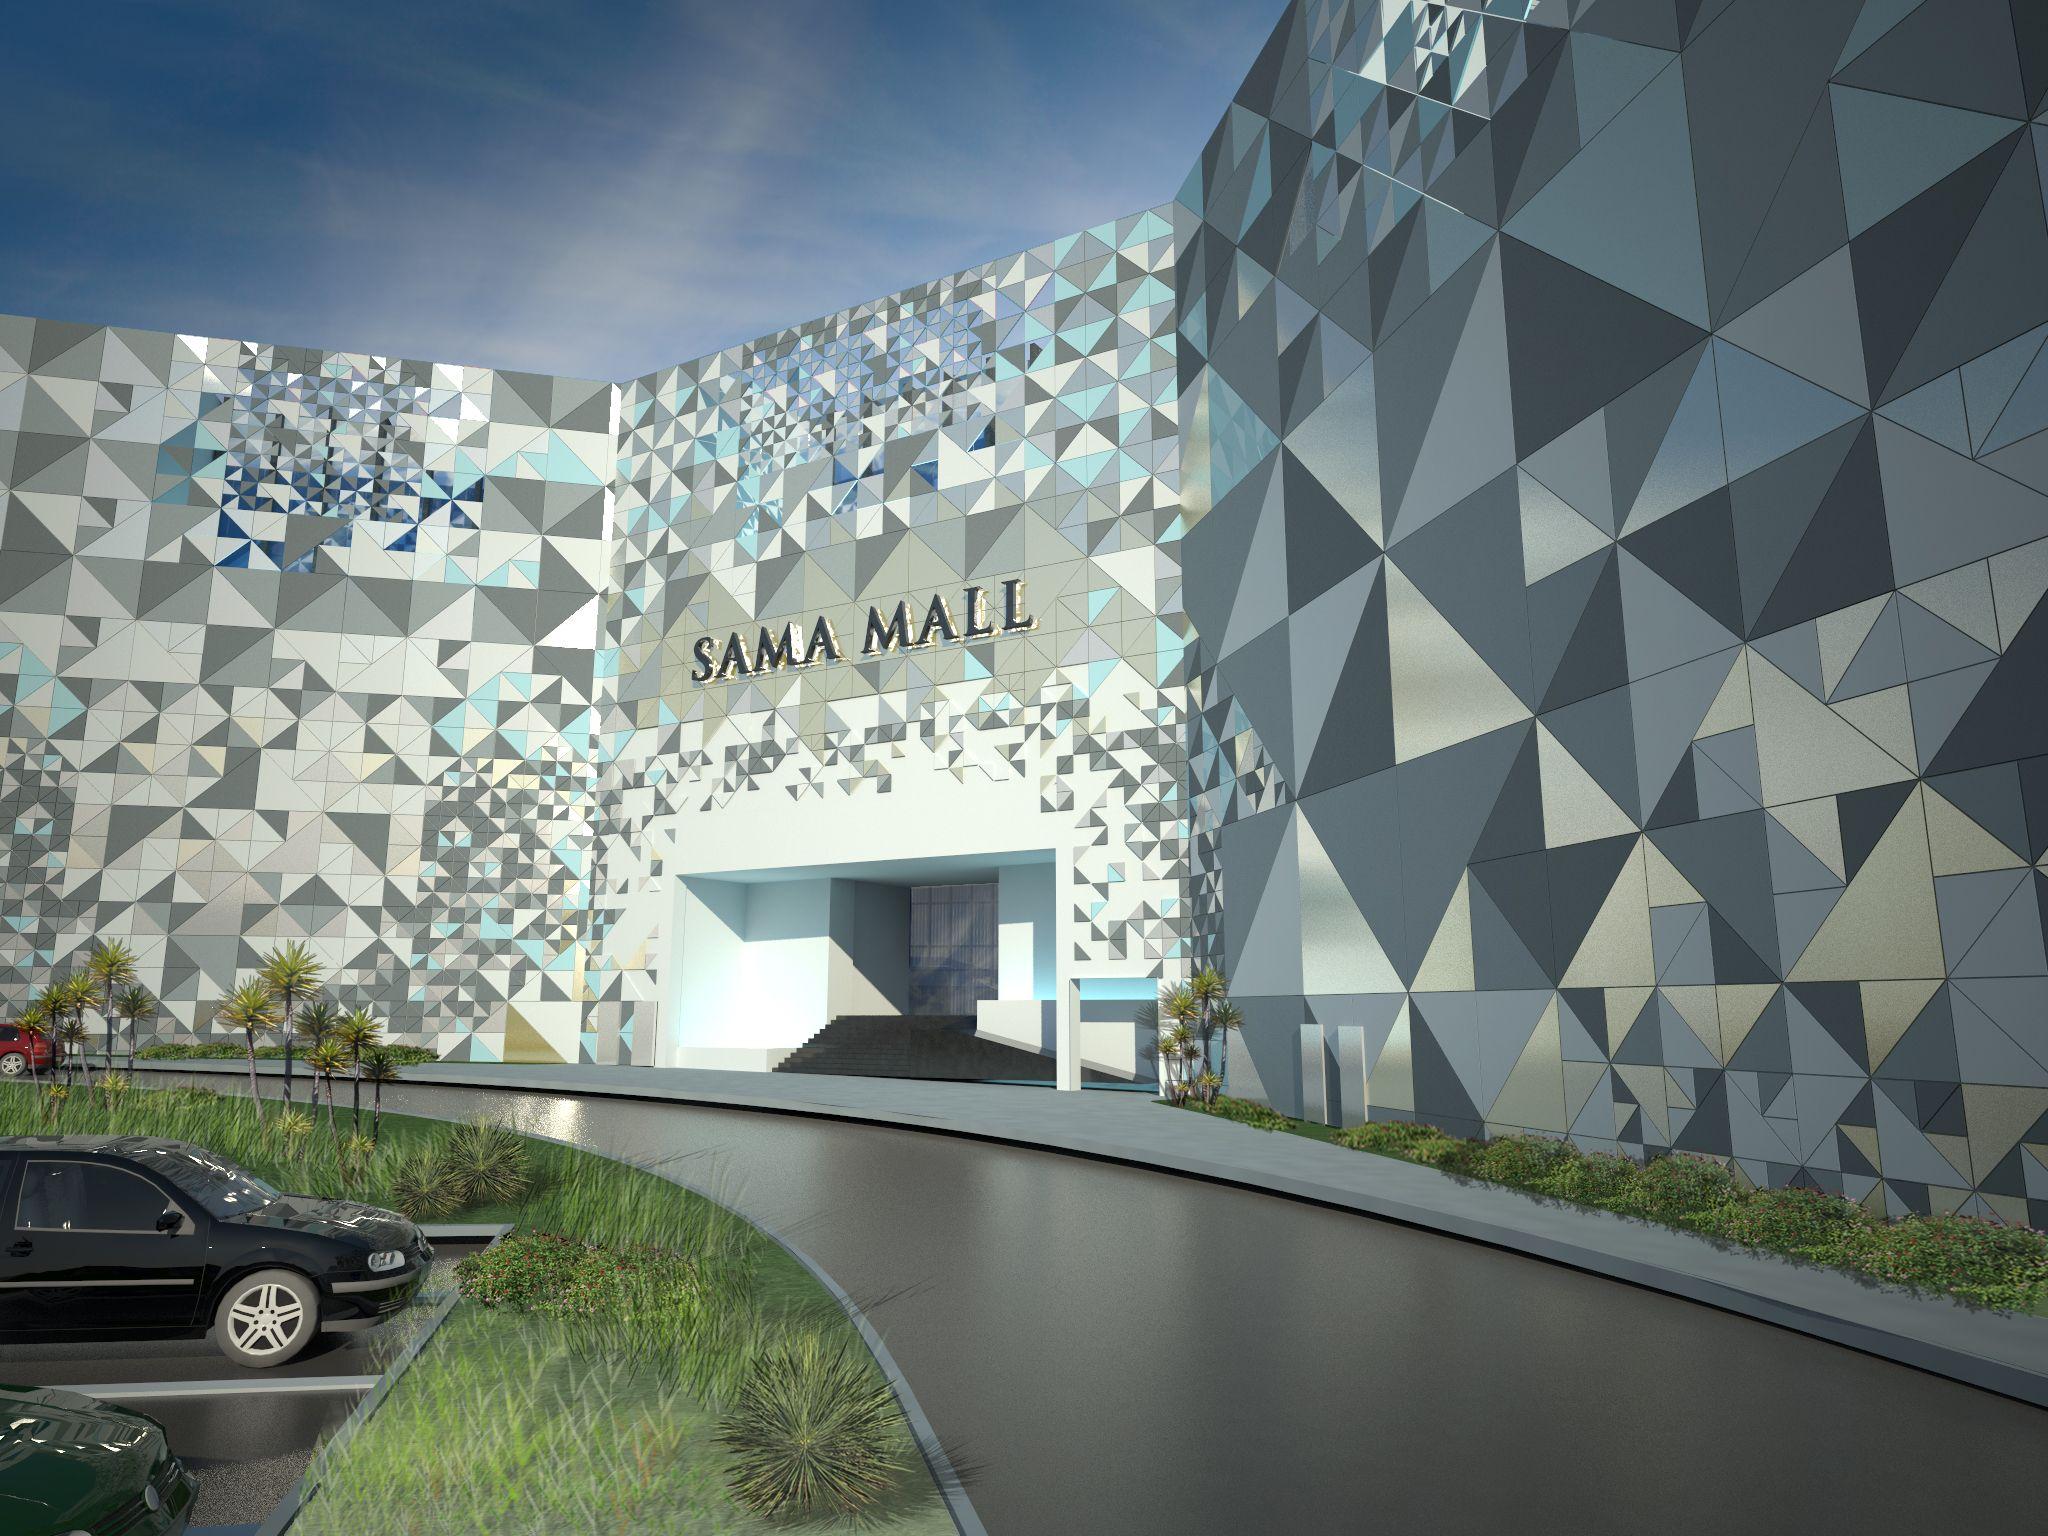 SHopping mall FACADE - Google 검색